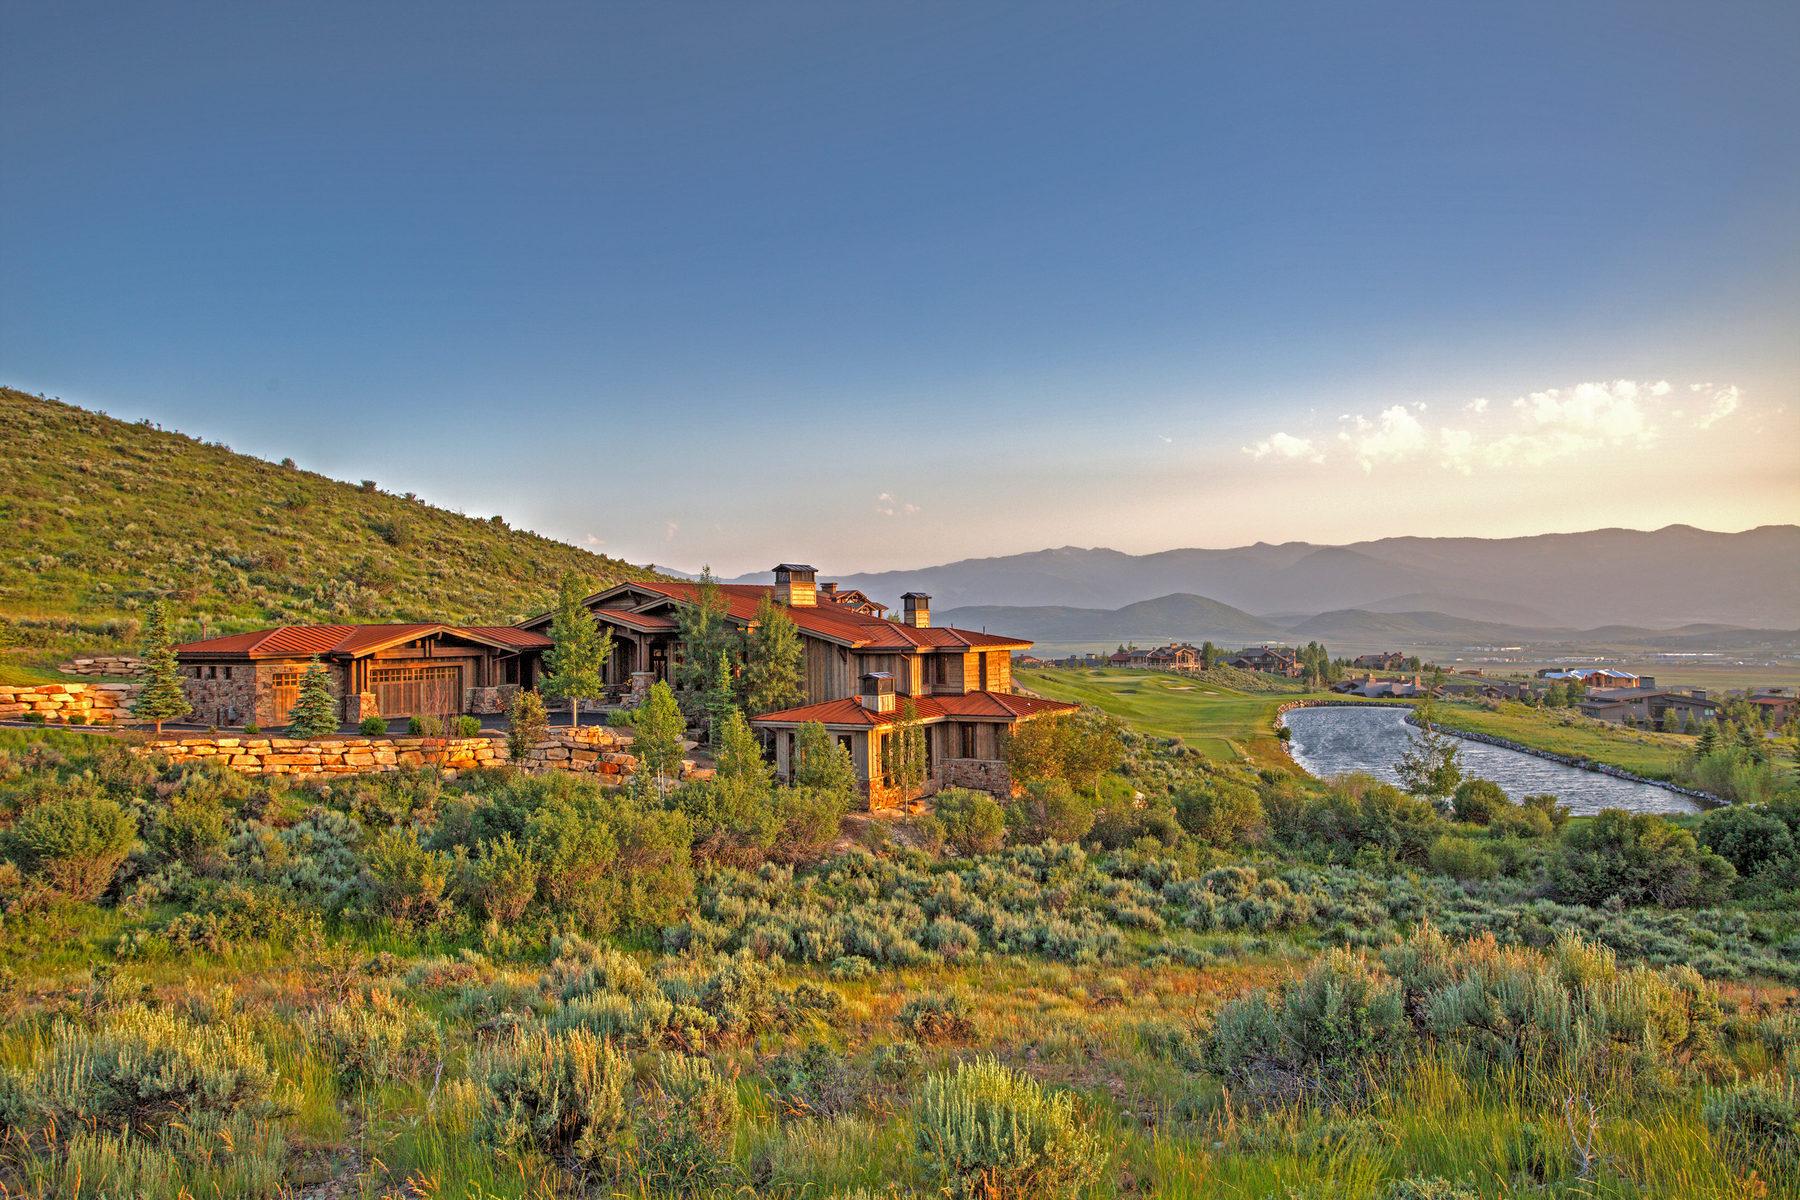 Частный односемейный дом для того Продажа на This Is The Wow Home On The Wow Lot In All Of Promontory 3347 E Pete Dye Draw Park City, Юта, 84098 Соединенные Штаты